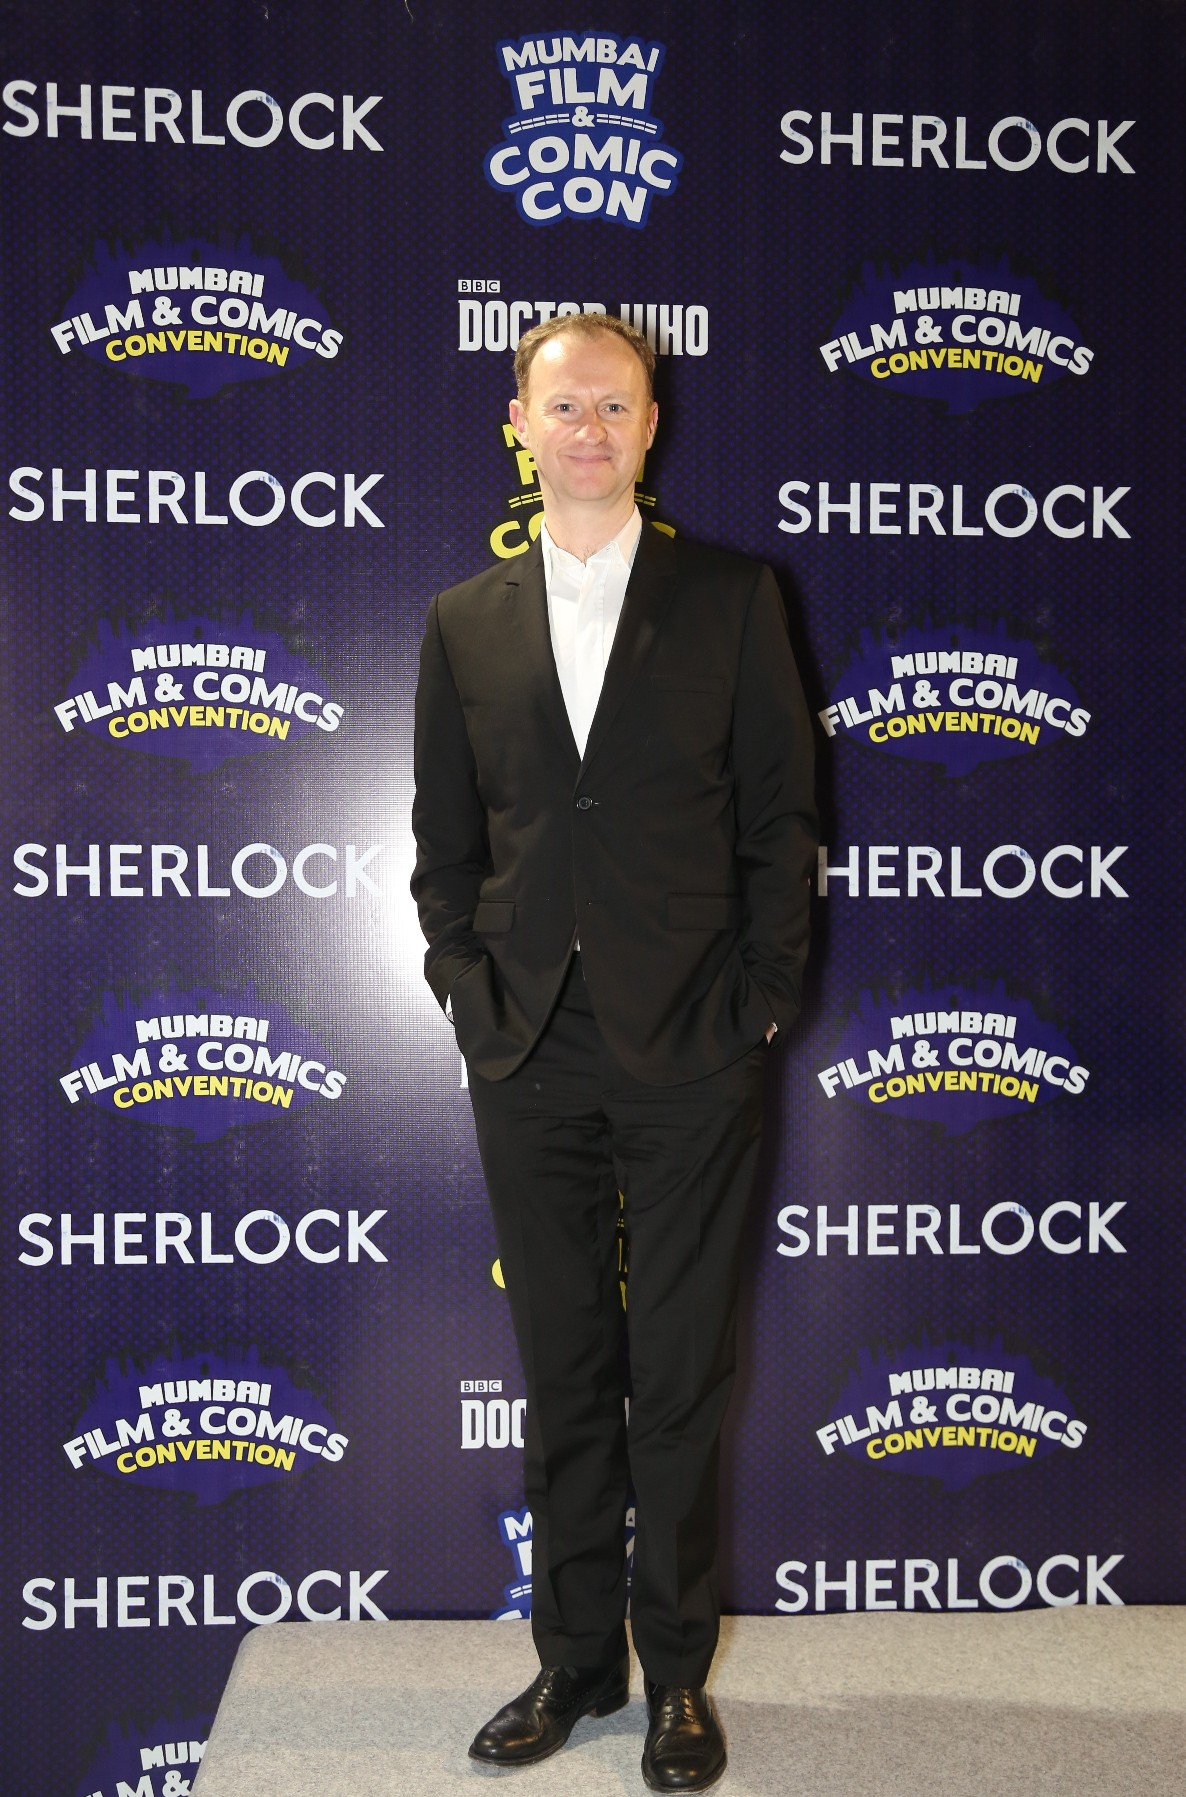 Getting Sherlock-ed, at Comic Con Mumbai